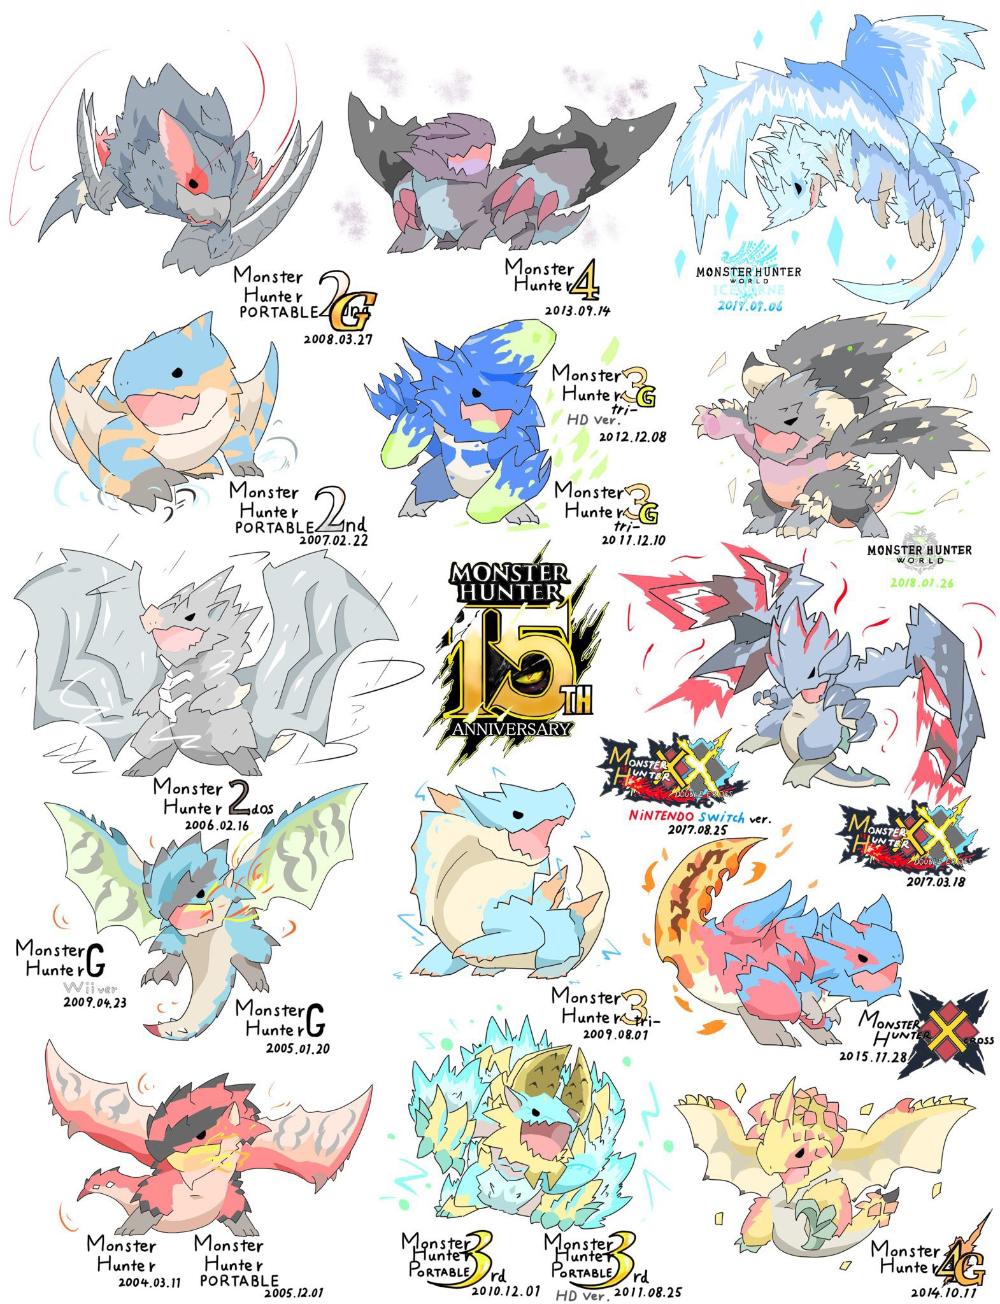 Monster Hunter World Monster Hunter Monhun モンスターハンター15周年記念 Pixiv Monster Hunter Art Monster Hunter Memes Monster Hunter Series